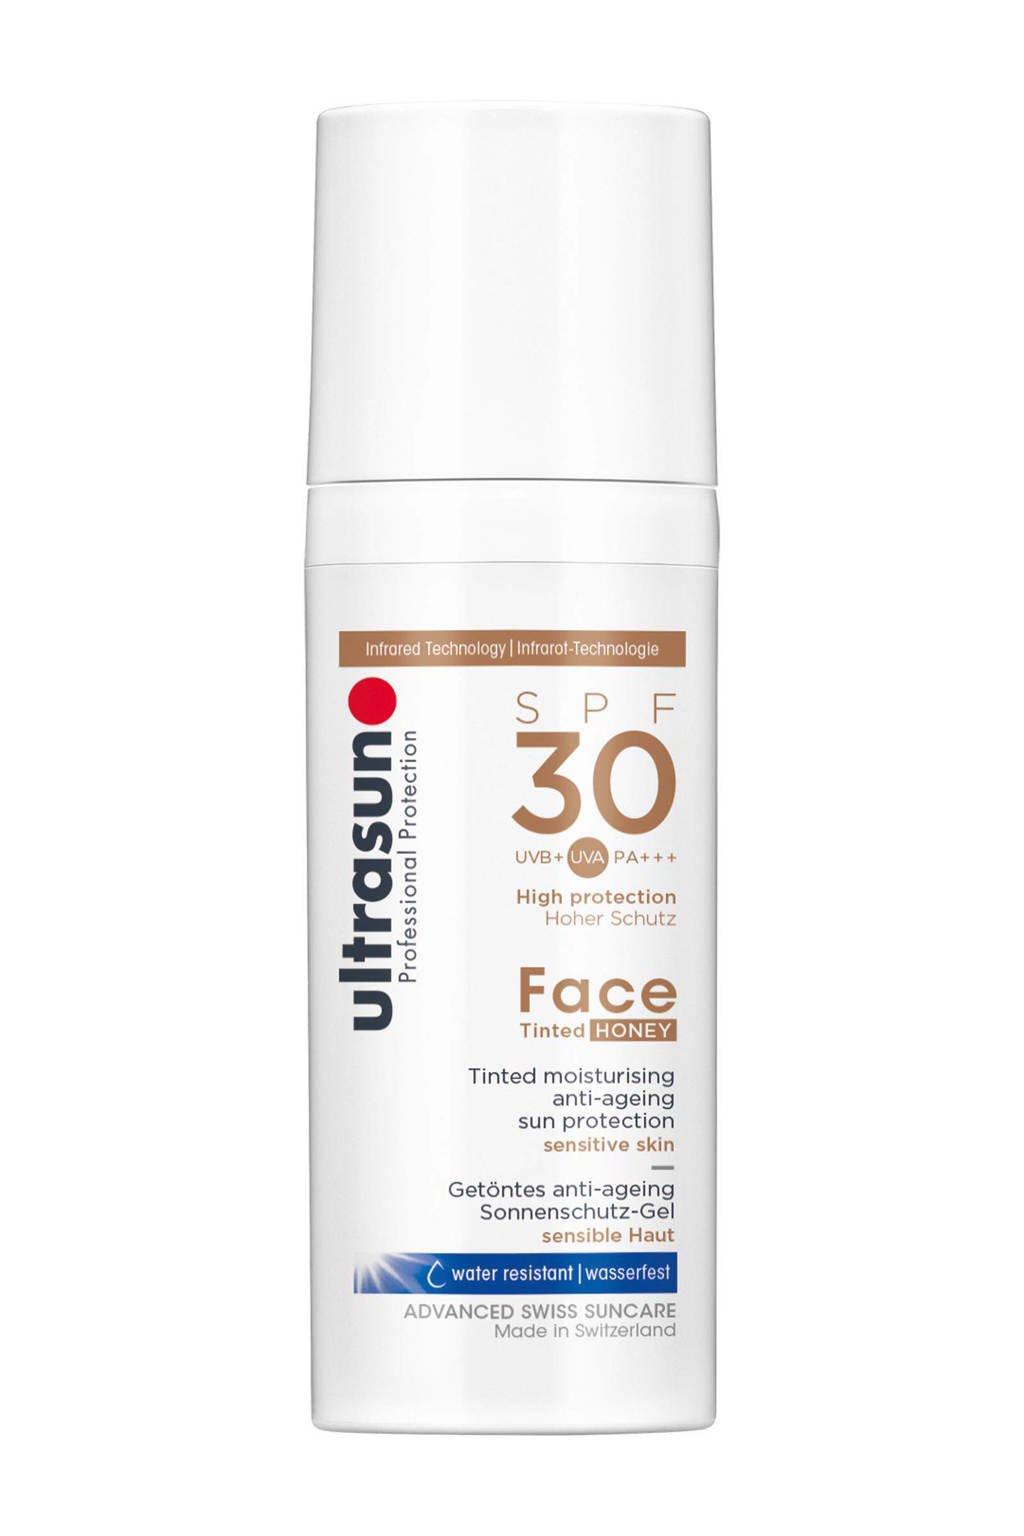 Ultrasun Face Tinted zonnebrandcrème SPF 30 - 50 ml